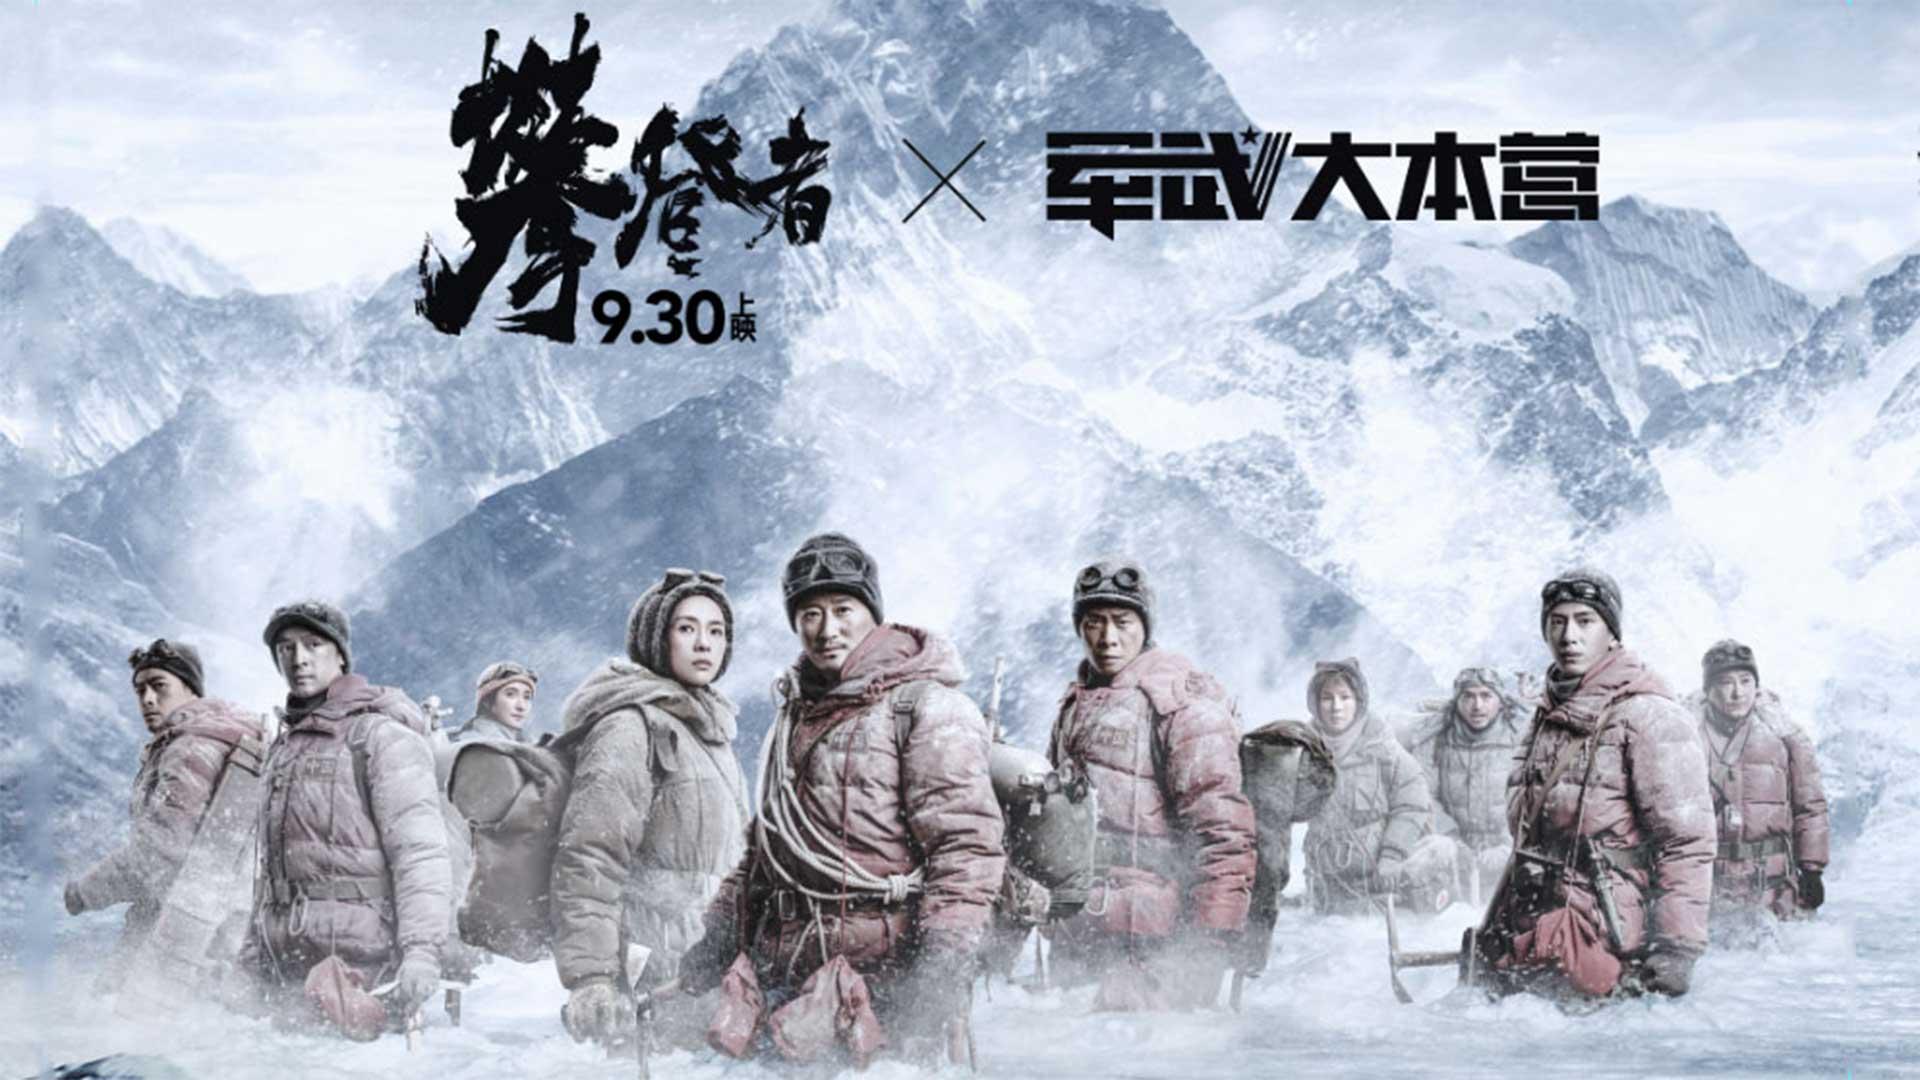 局座:中国五千年历史谁都欺负过我们 但我们从未被打倒这就是攀登者精神